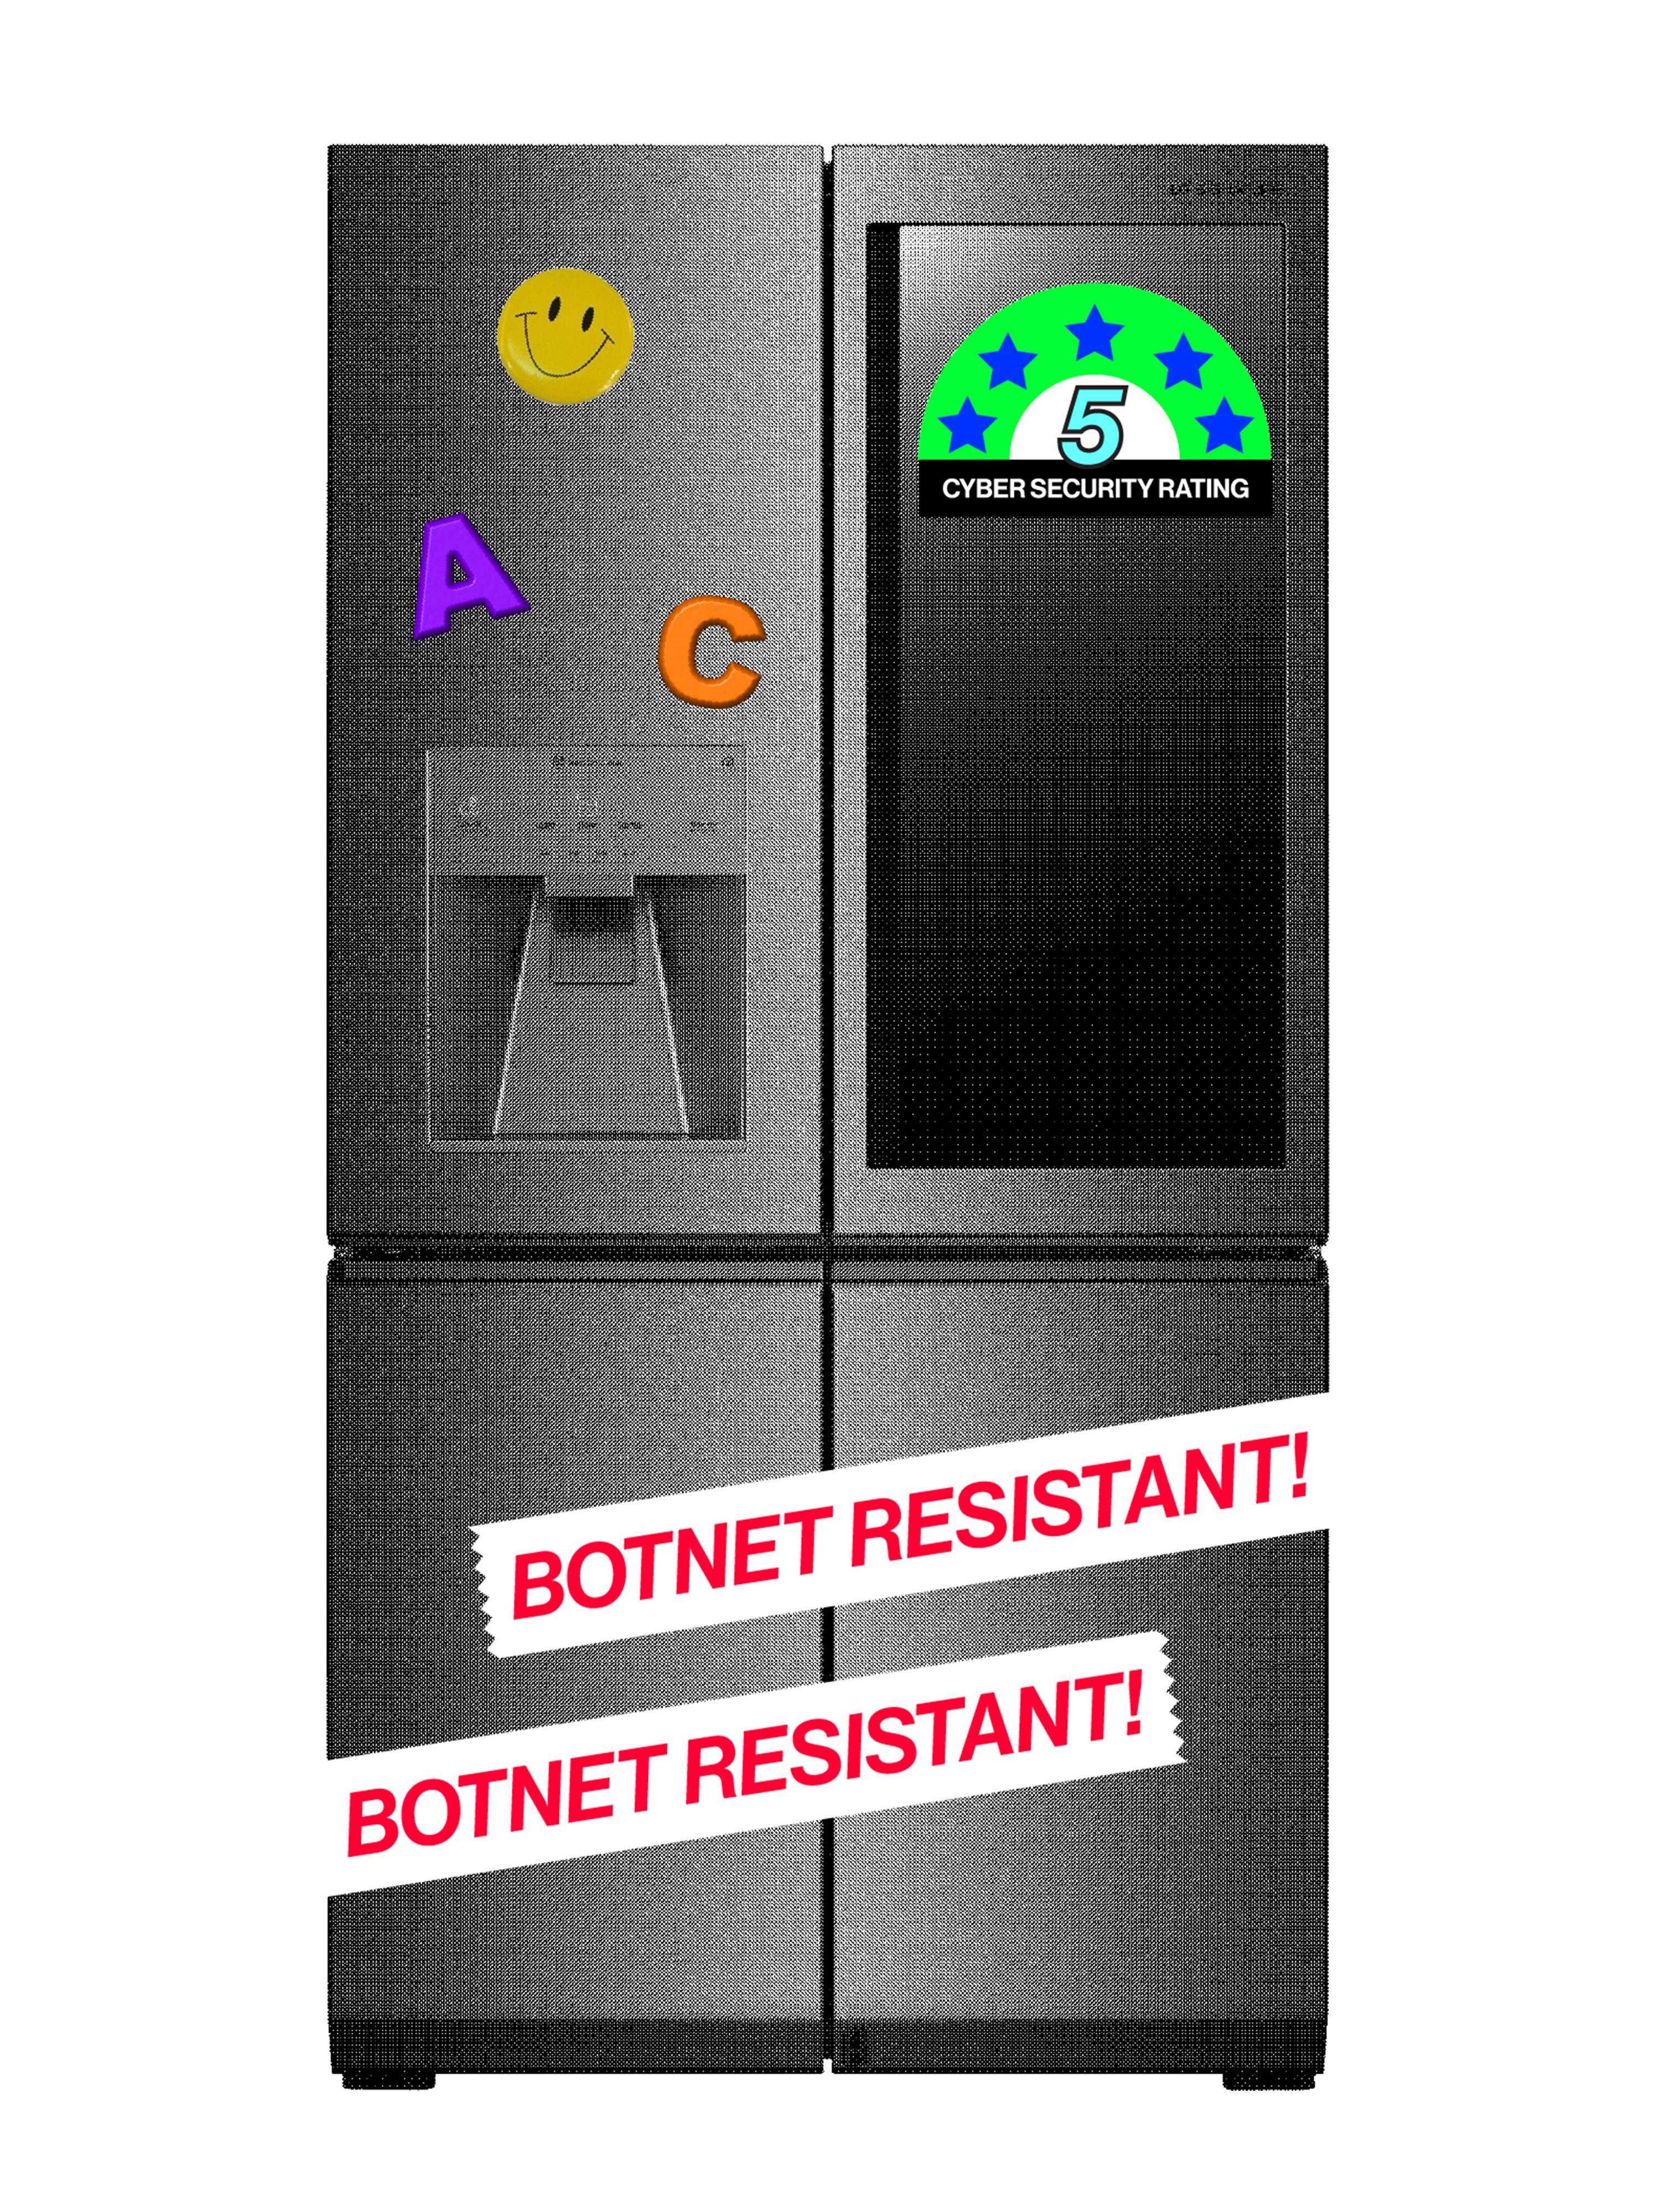 ボットネット化するIoT機器の安全は誰が評価するのか?